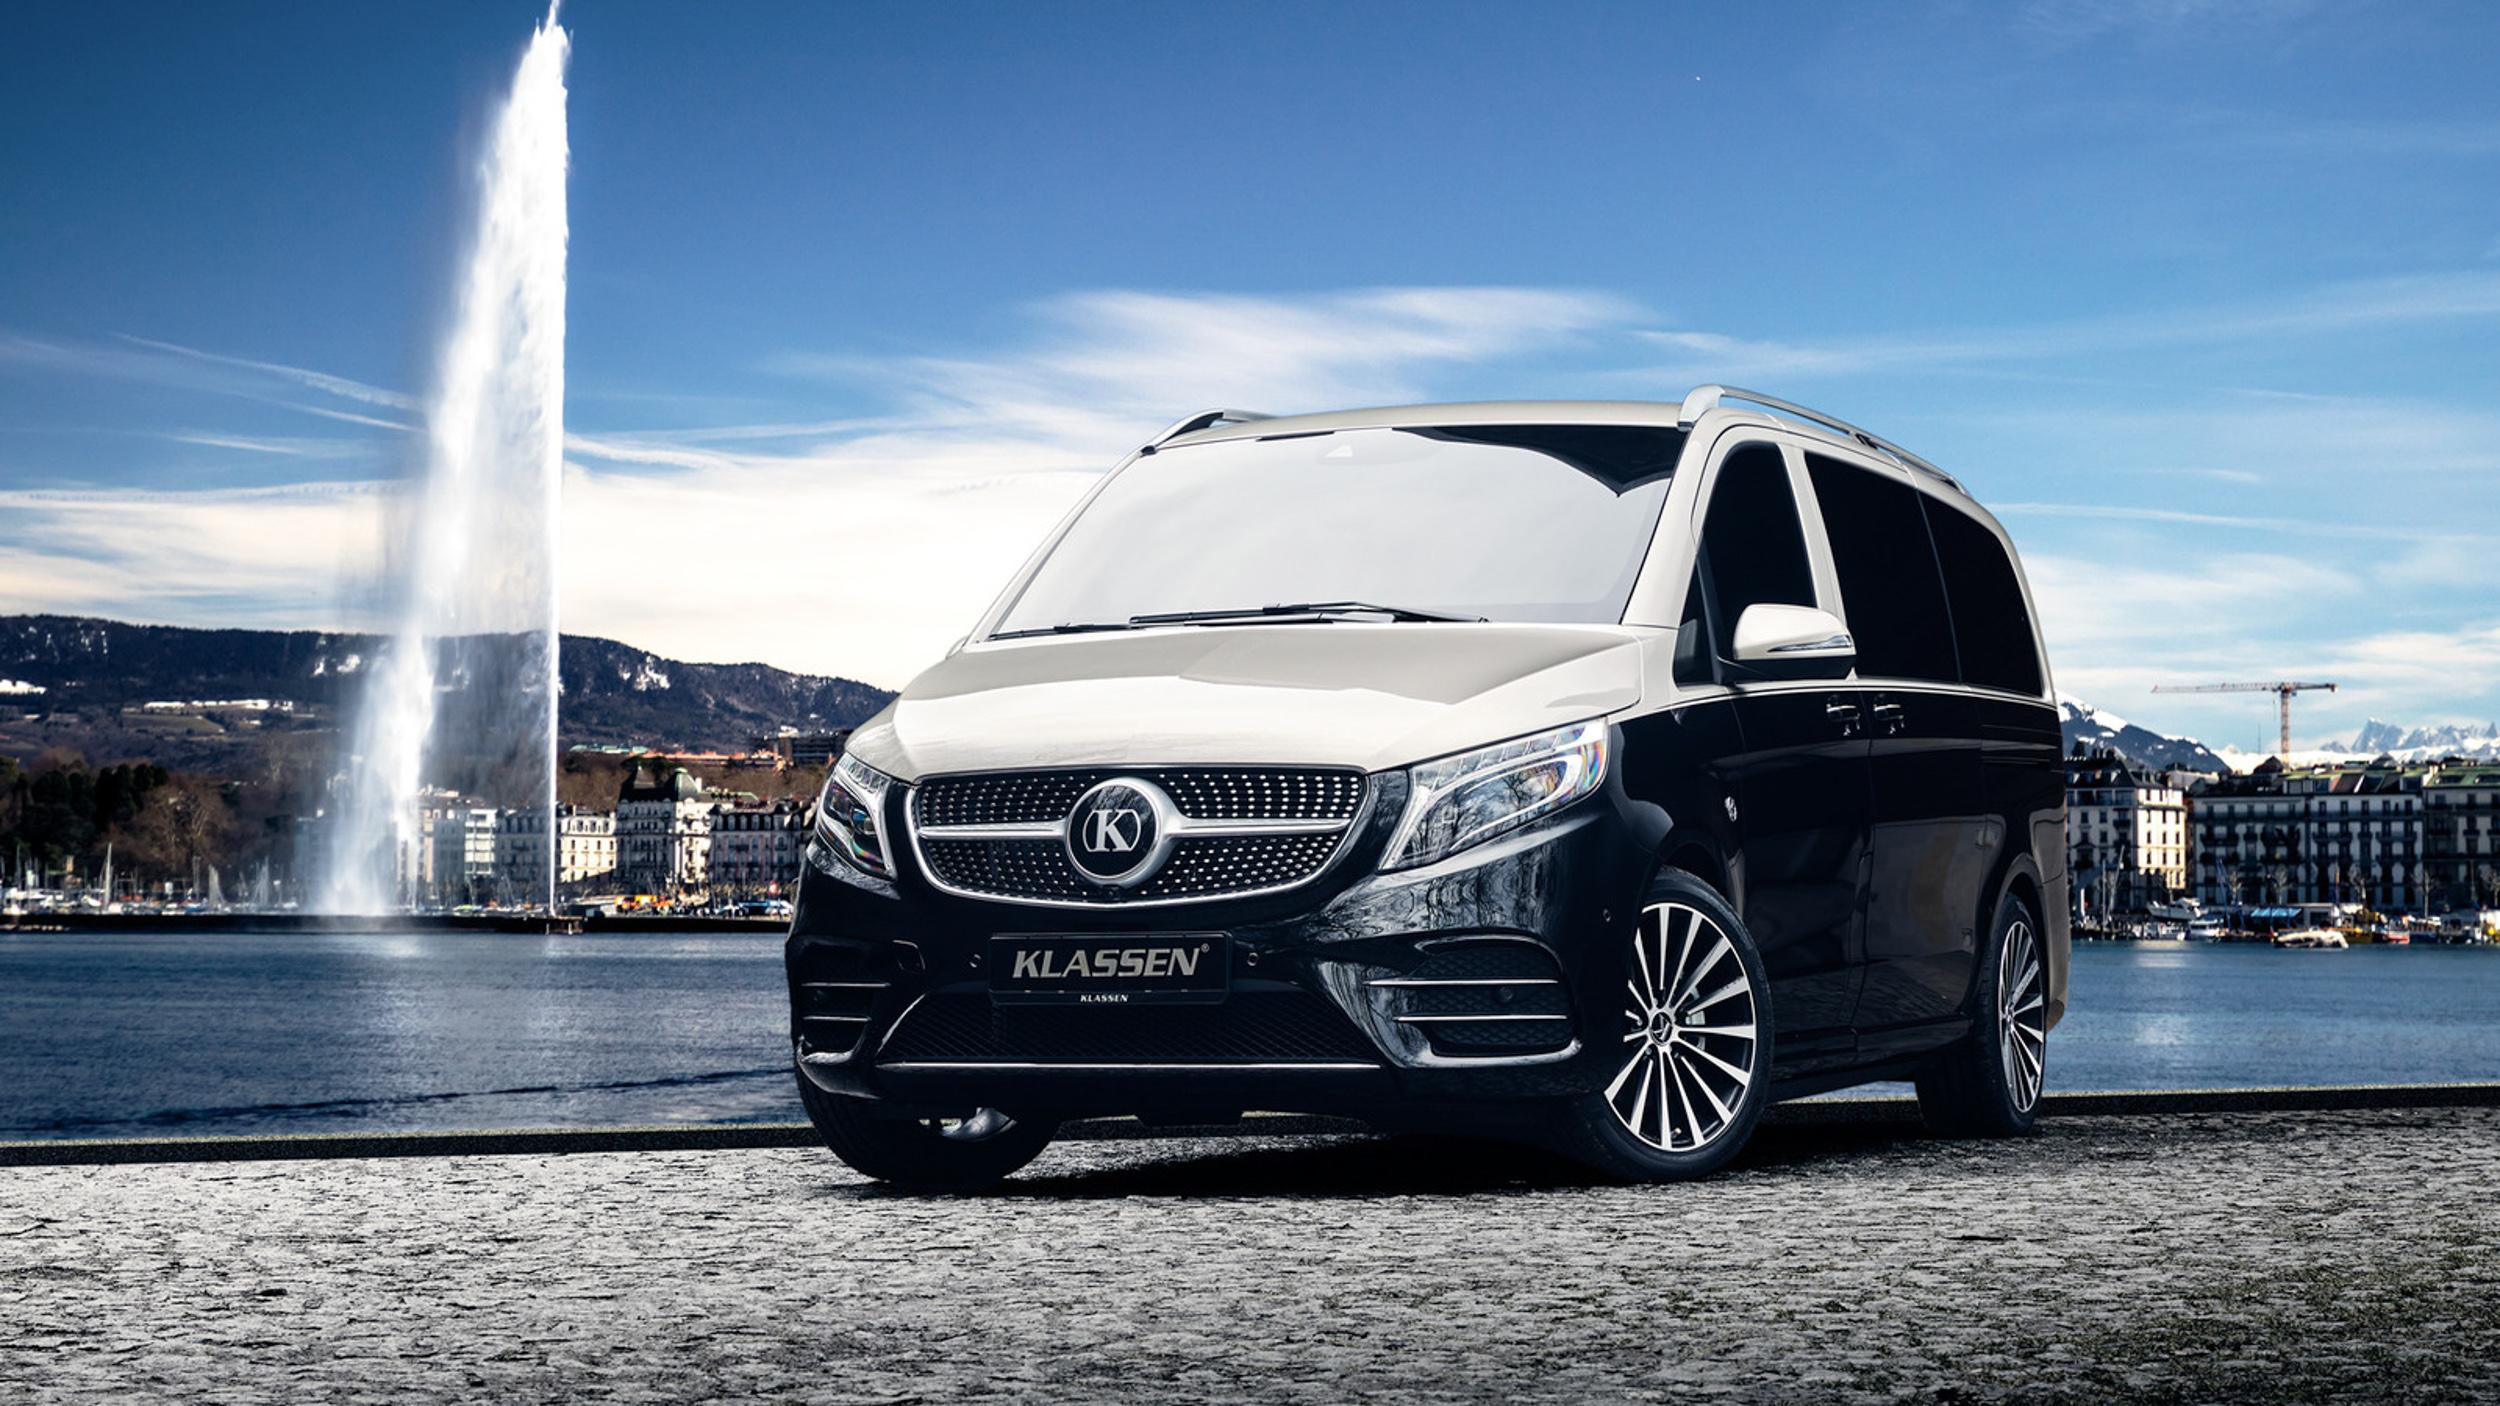 1,400 萬起!三一東林科技導入頂級商務車品牌 KLASSEN